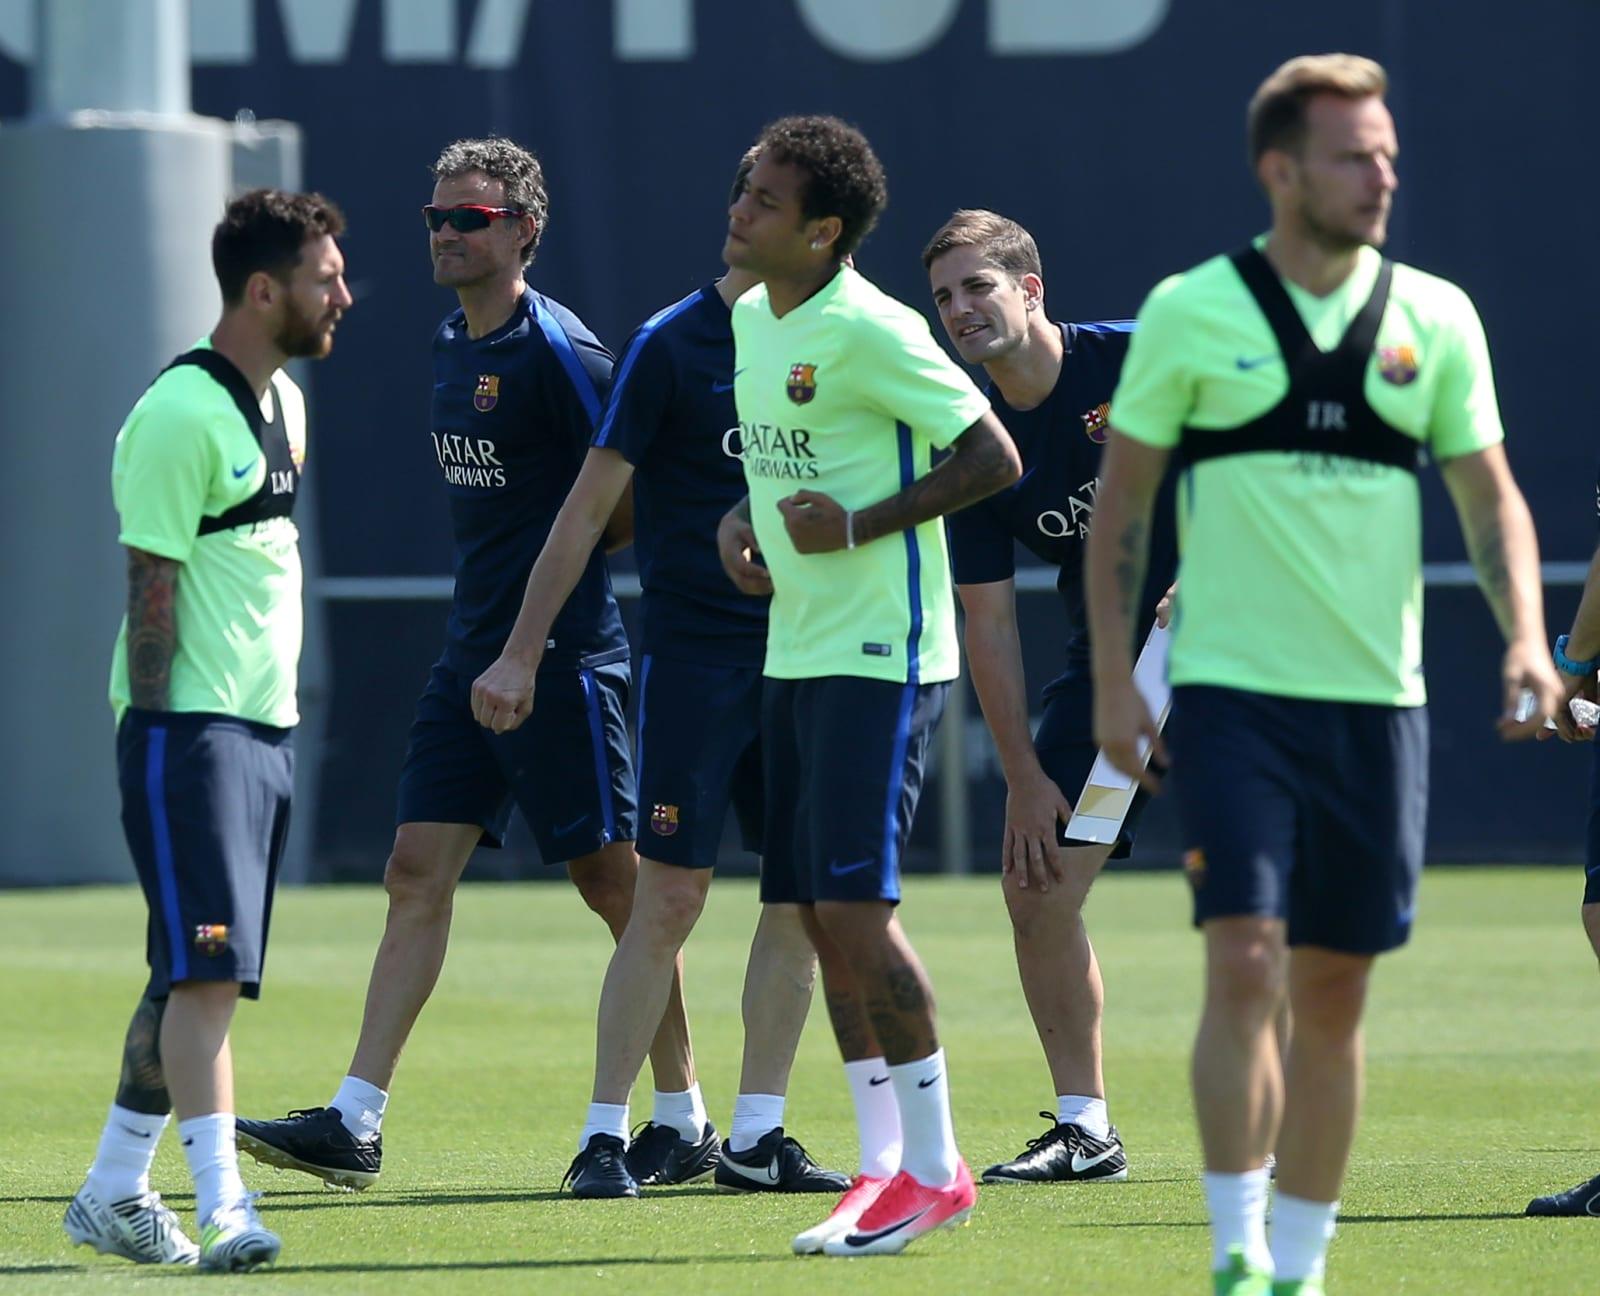 SOCCER-SPAIN-FCB-ALV/LUIS ENRIQUE